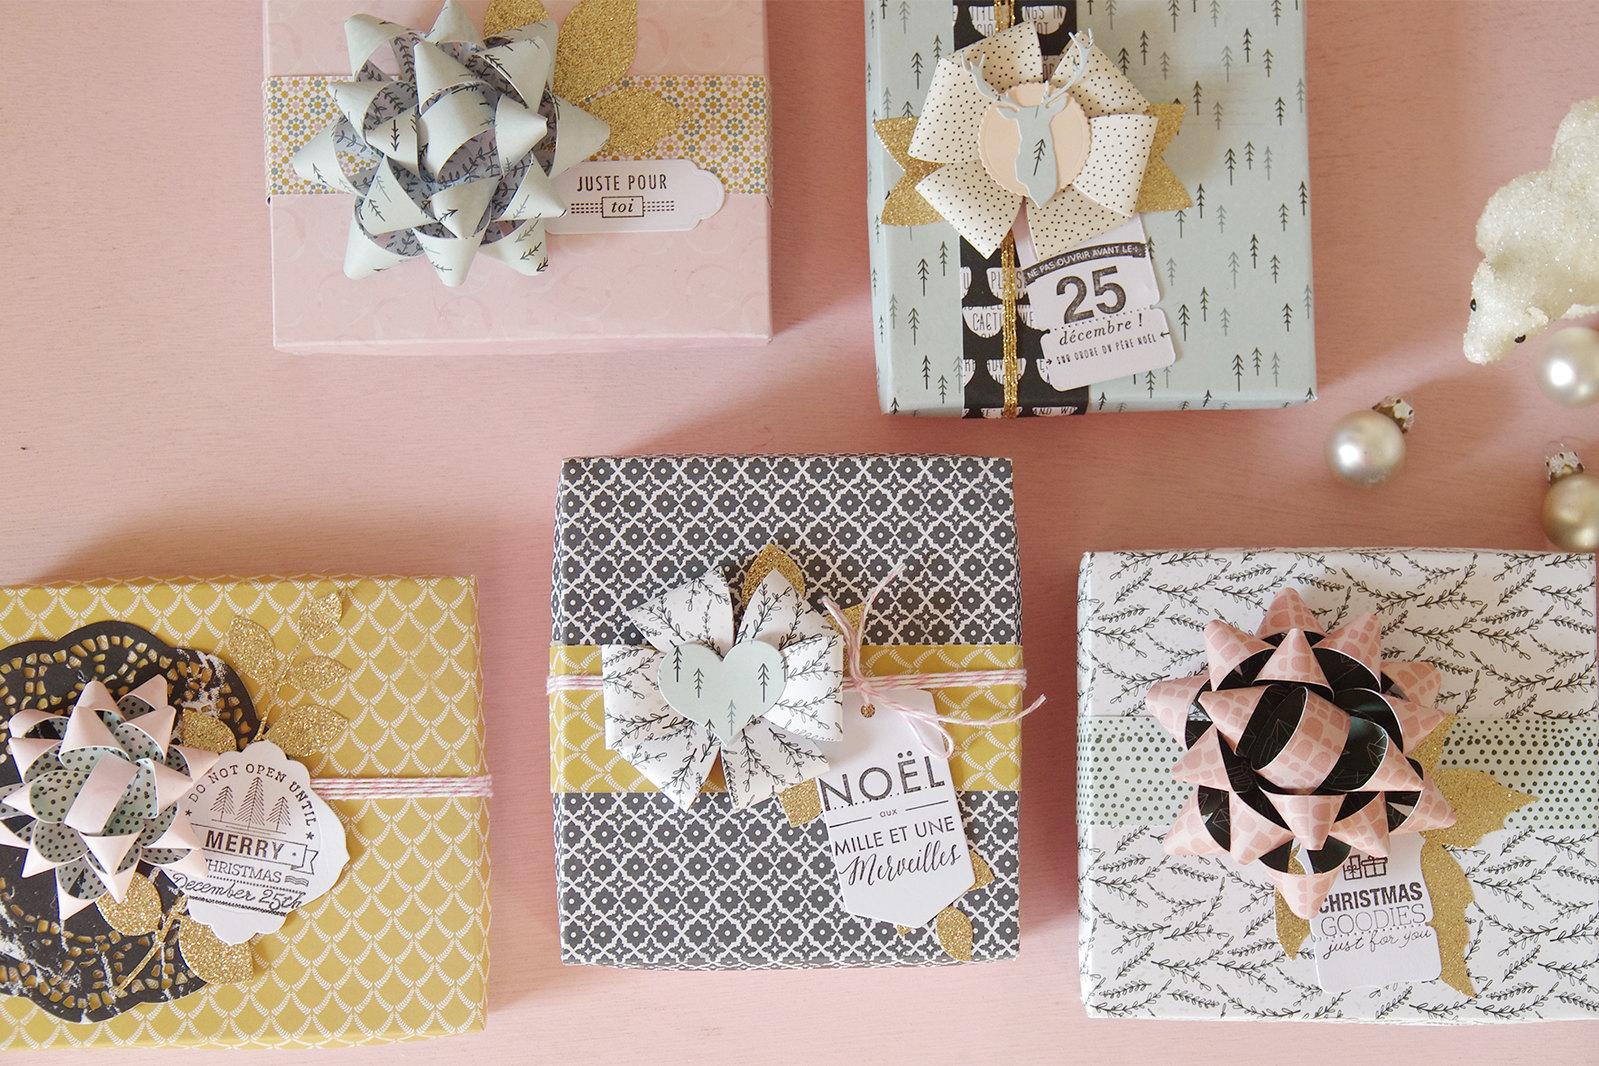 Belles boites pour beaux cadeaux kesiart marienicolasalliot-22